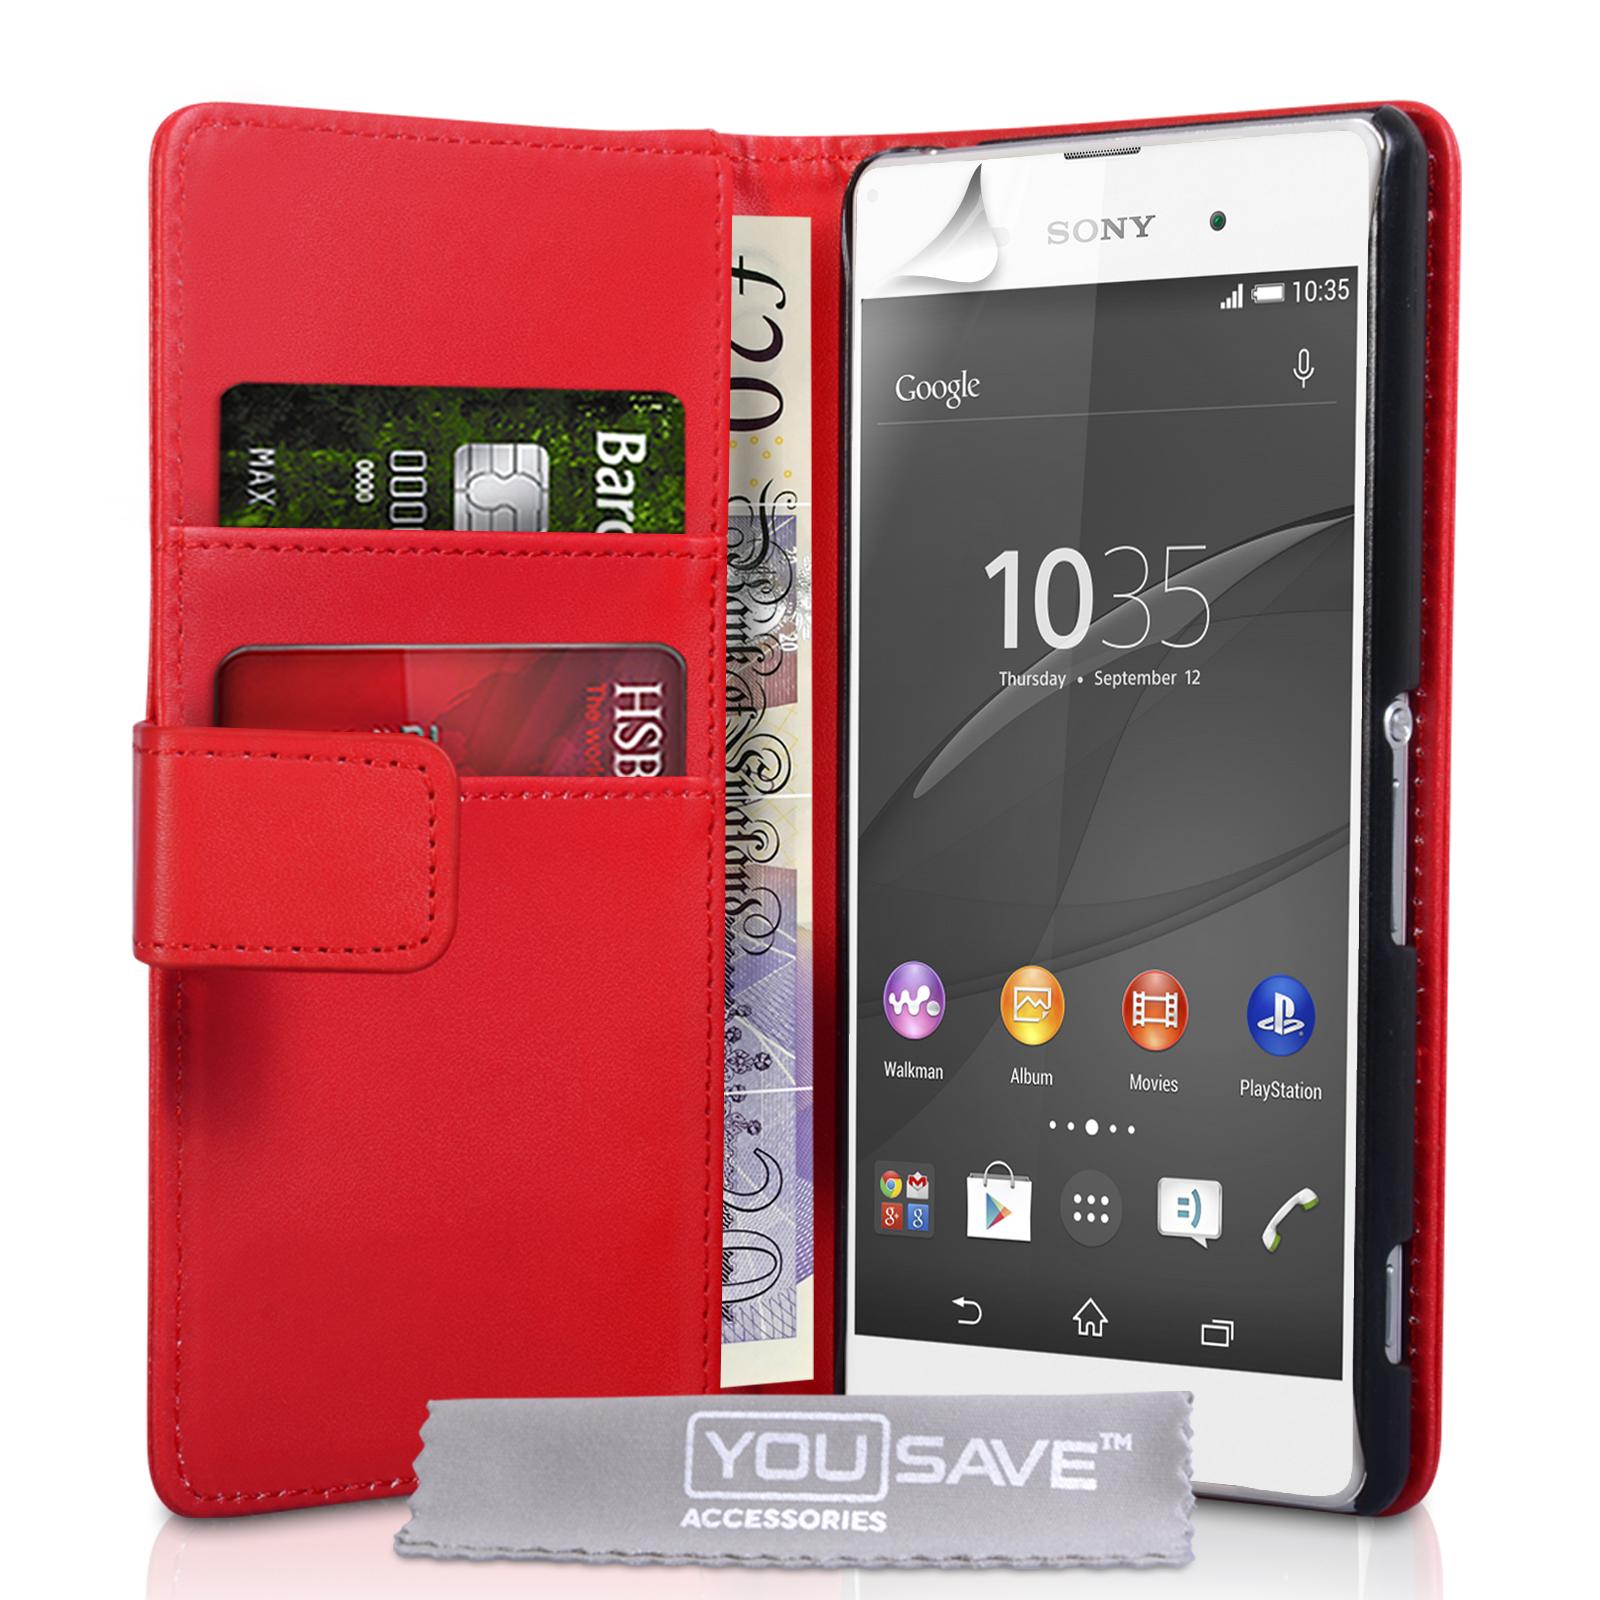 YouSave Θήκη - Πορτοφόλι Sony Xperia Z3+/Z4 - Red (SE-HA03-Z090)